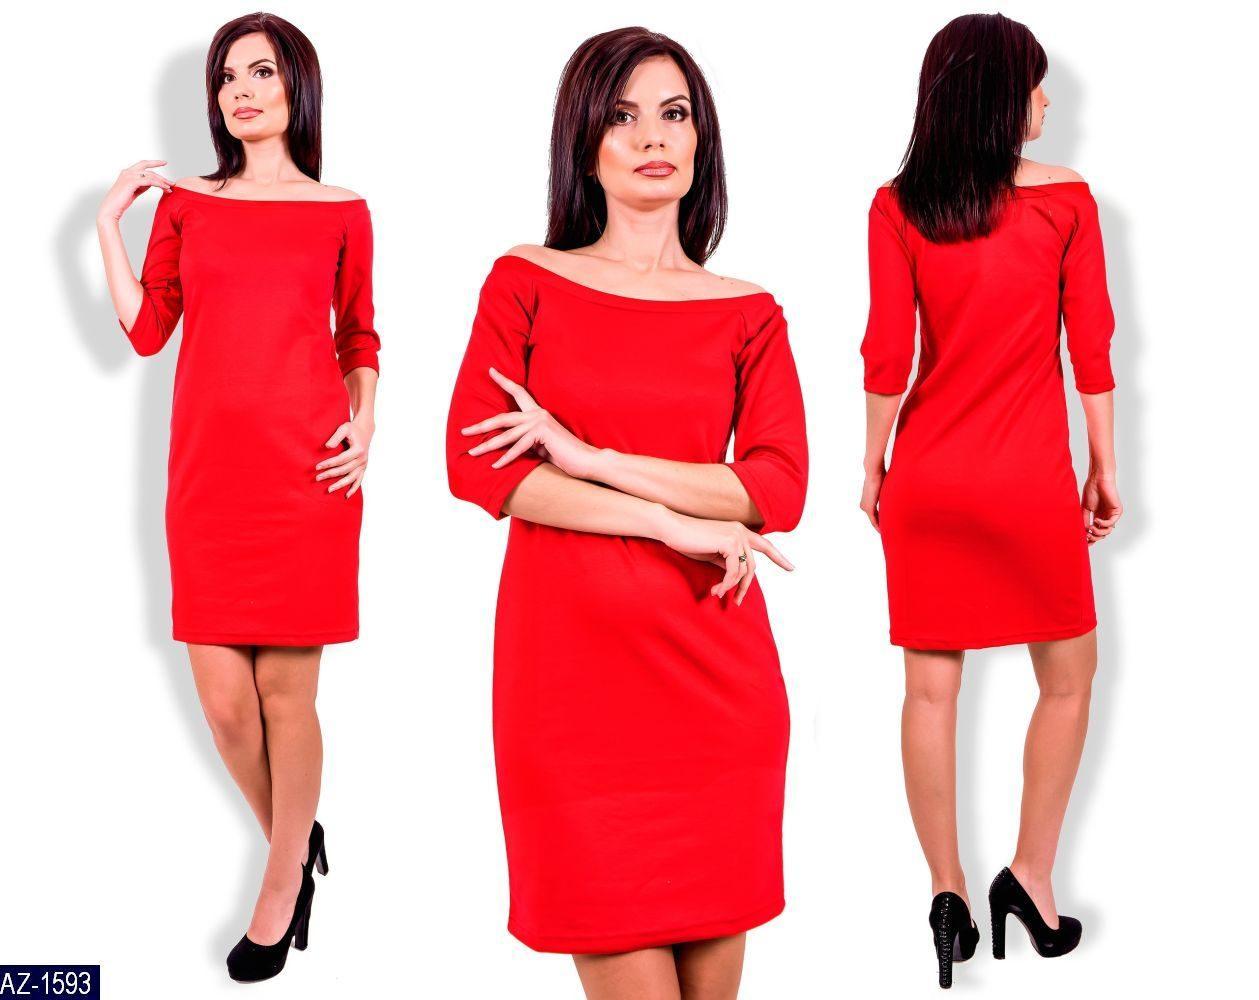 Платье женское красное с открытыми плечами . Размер 42-44, 44-46 Ткань французский трикотаж